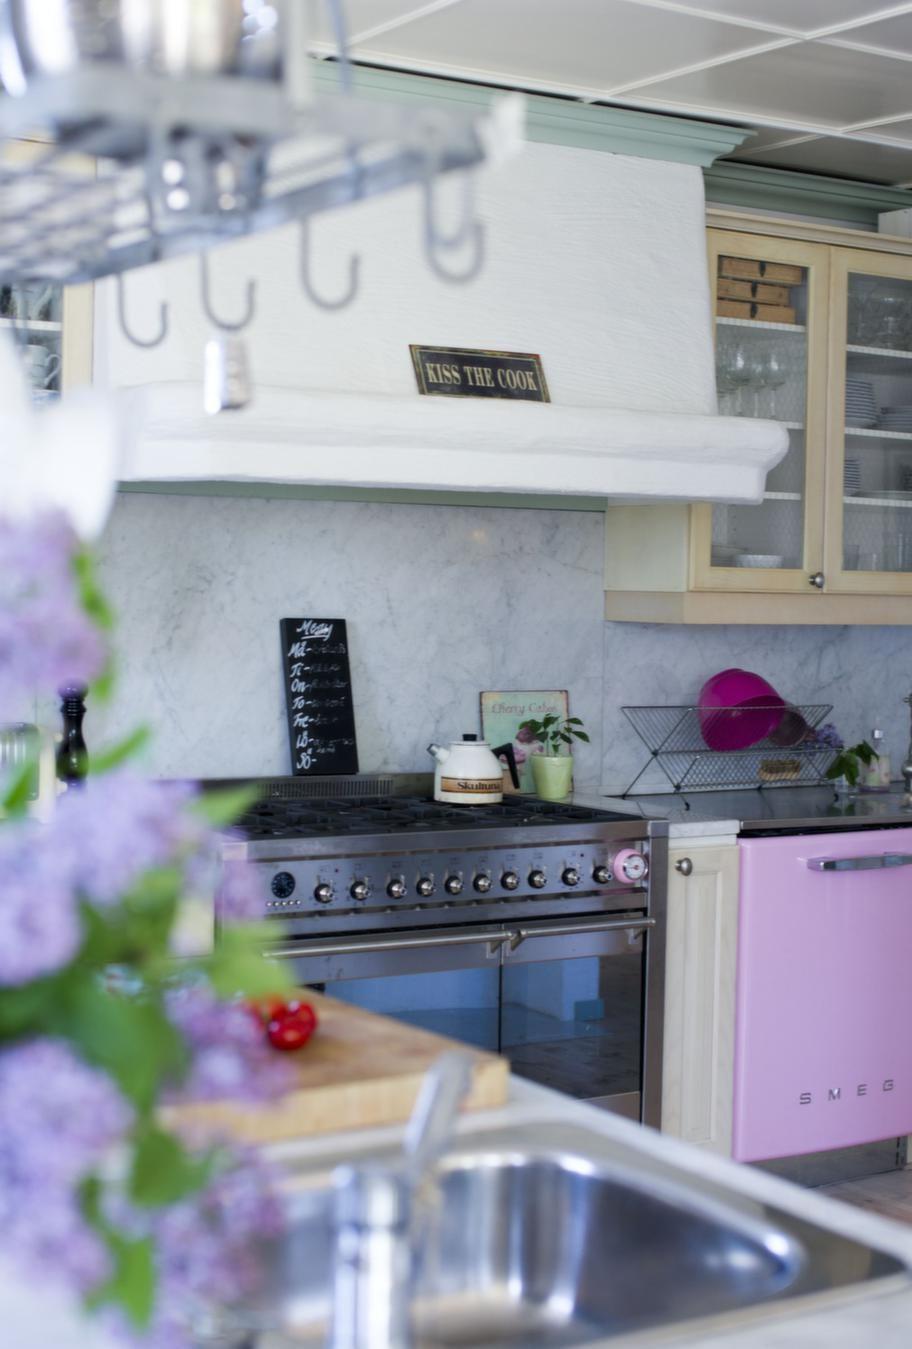 Färgklick<br>Diskmaskin och spis från Smeg som Fia och hennes man är återförsäljare till. I köket har familjen bytt knoppar och handtag, spis och diskmaskin för att skapa sin egen stil.